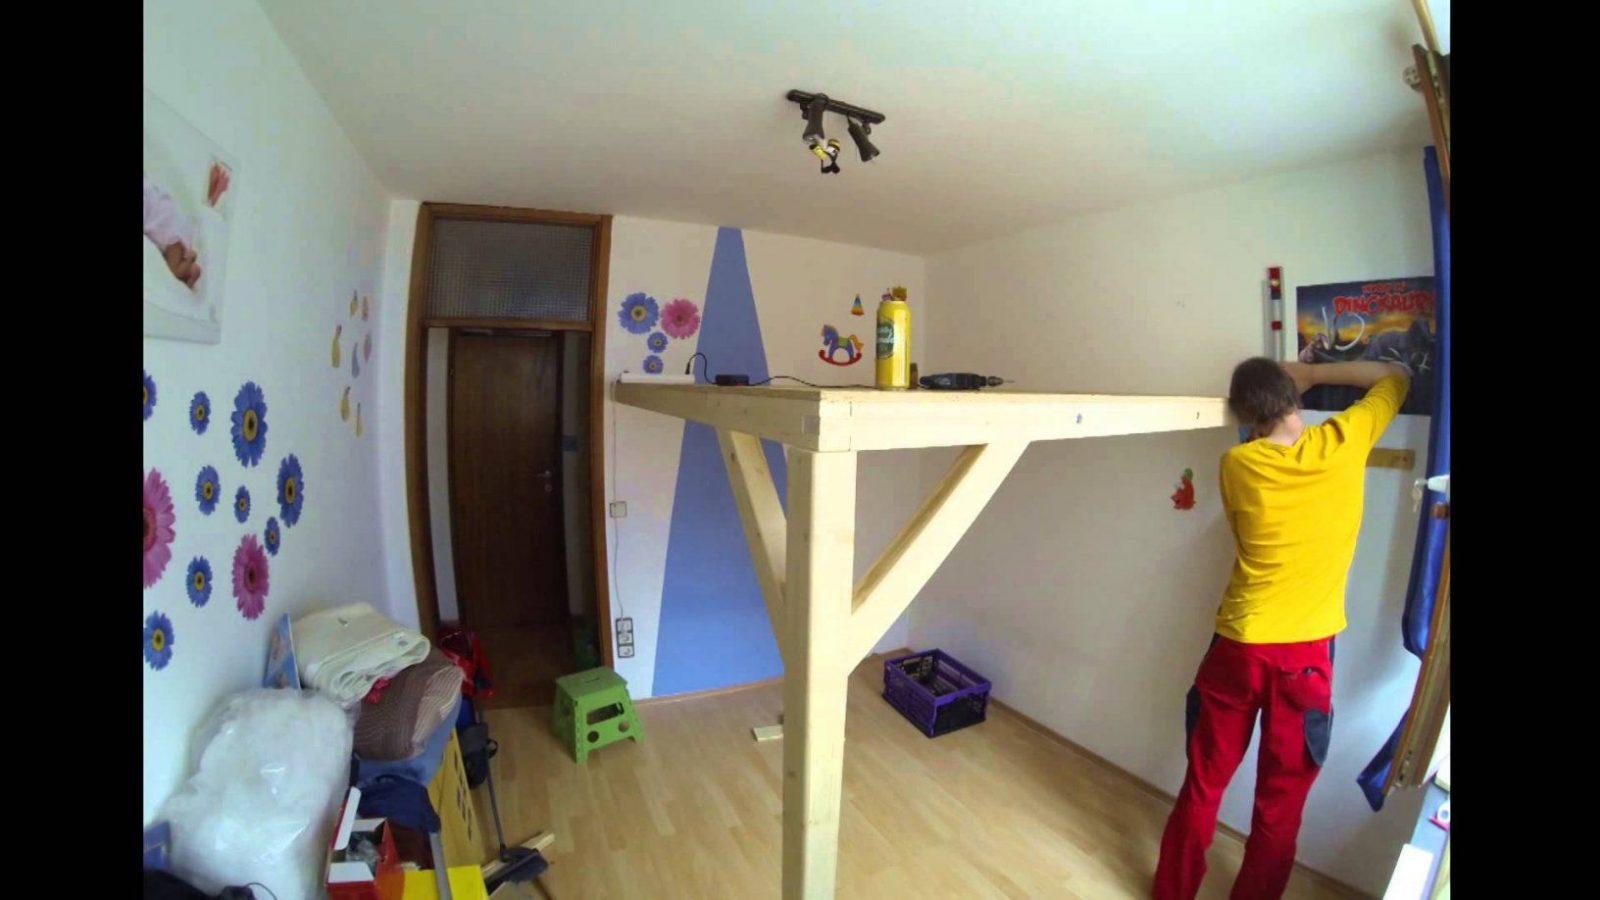 Bau Eines Hochbett Bei Einer Bekannten  Youtube von Doppel Hochbett Selber Bauen Bild